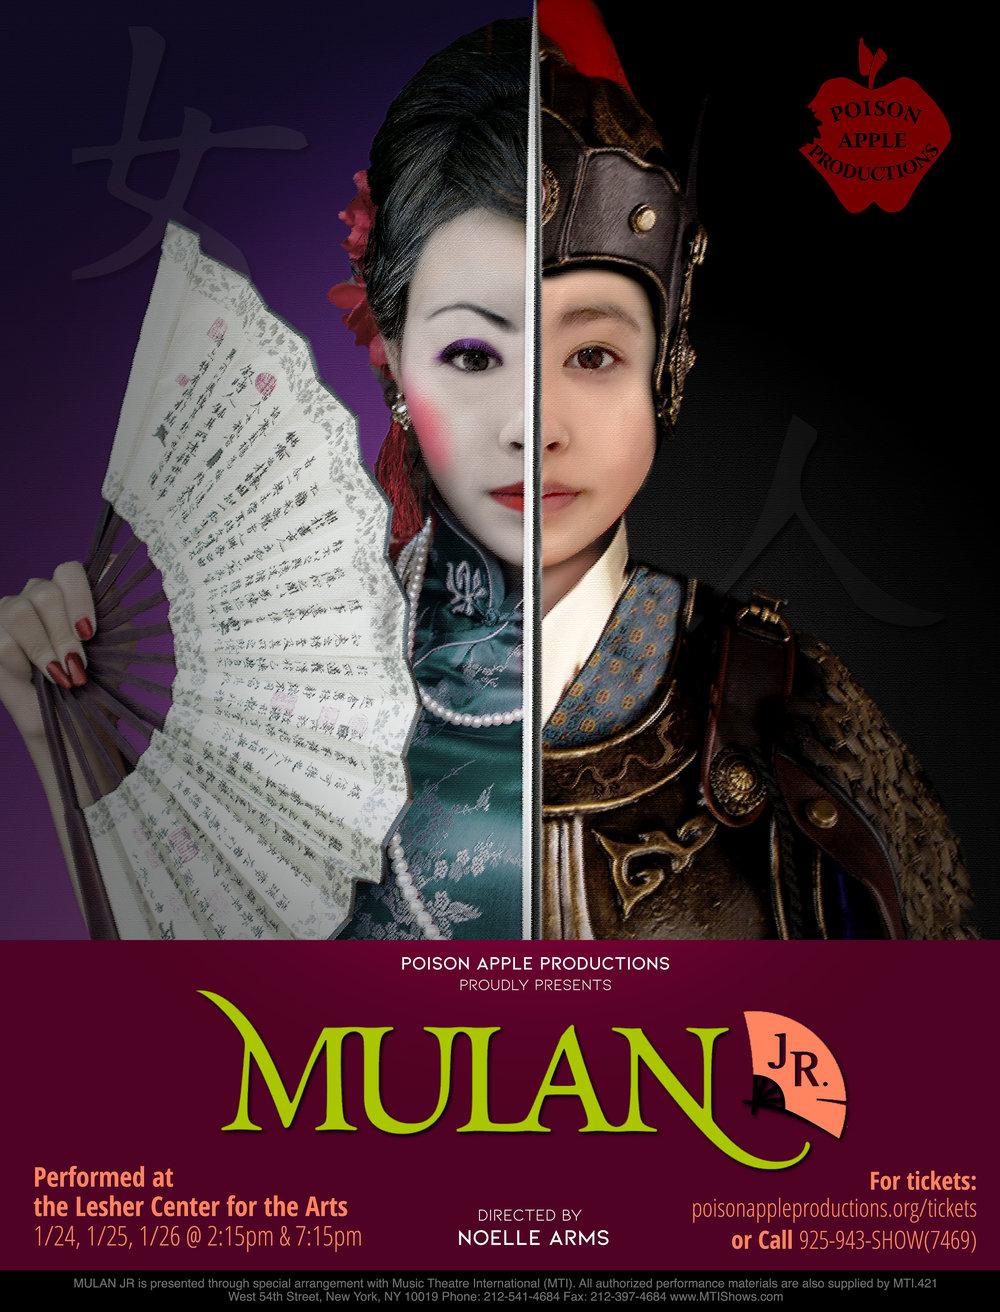 MulanJR Poster.jpg